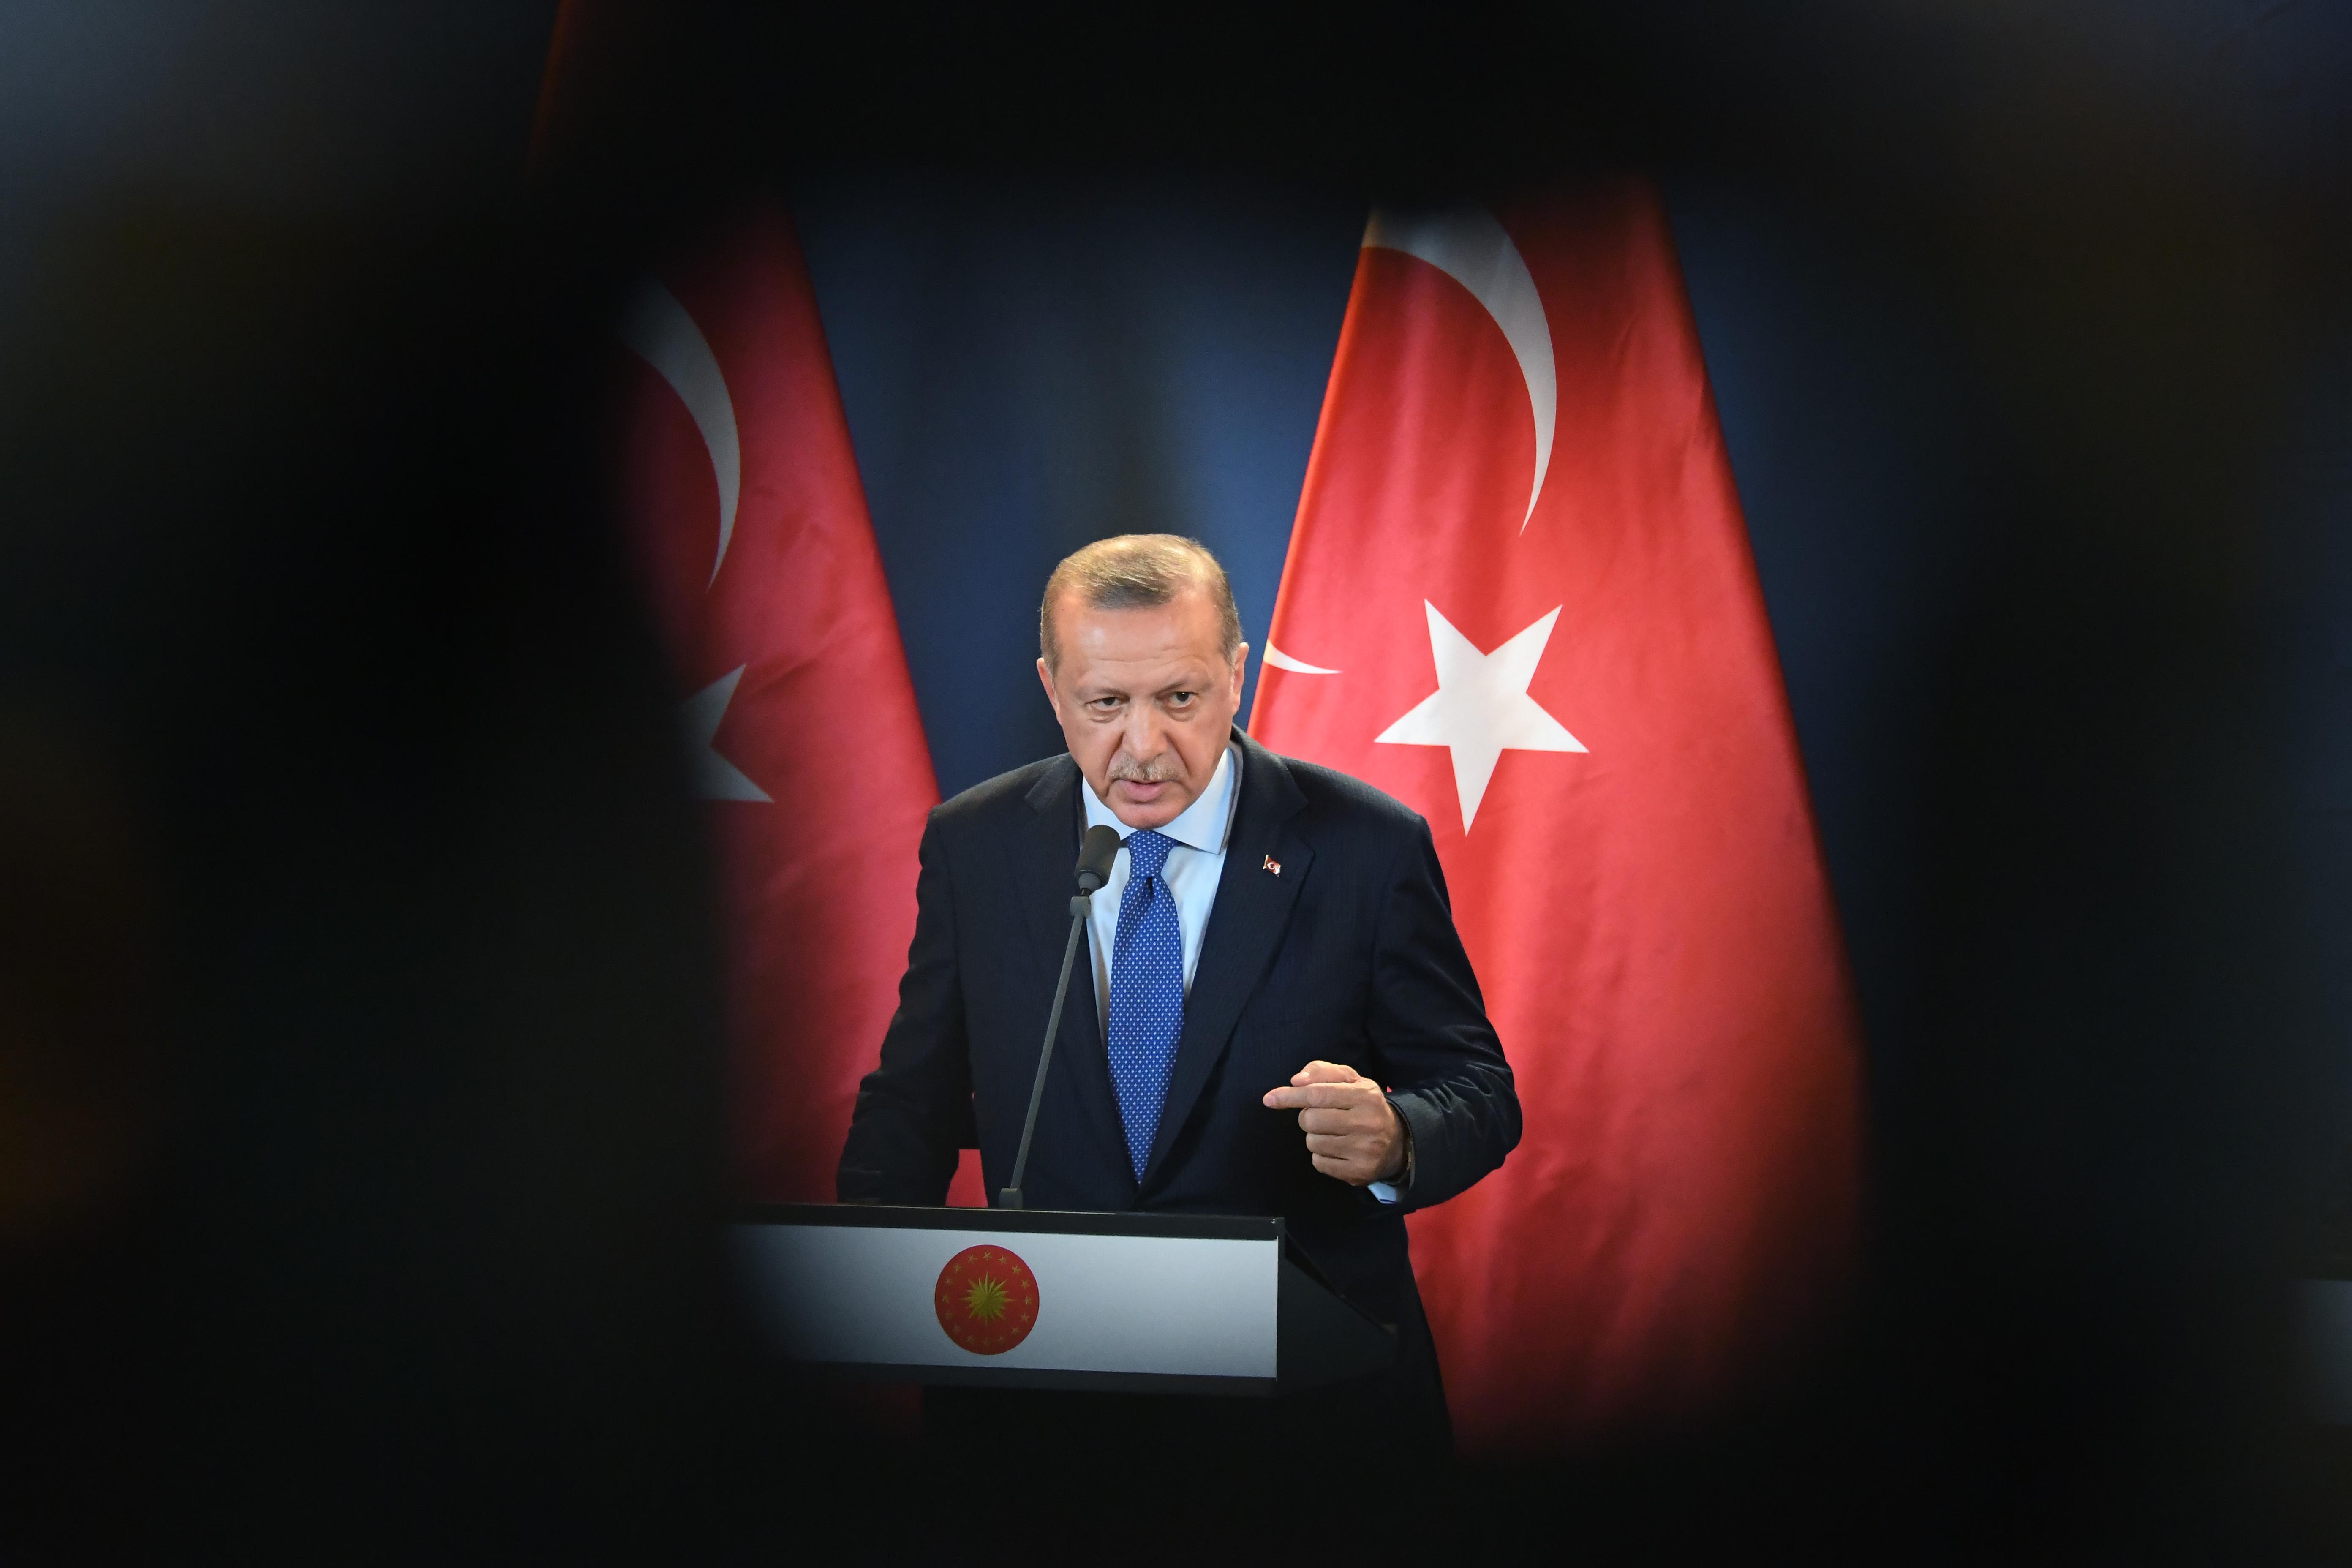 Erdogan a Washington Postban közölt véleménycikket a lap szerzőjének meggyilkolásáról